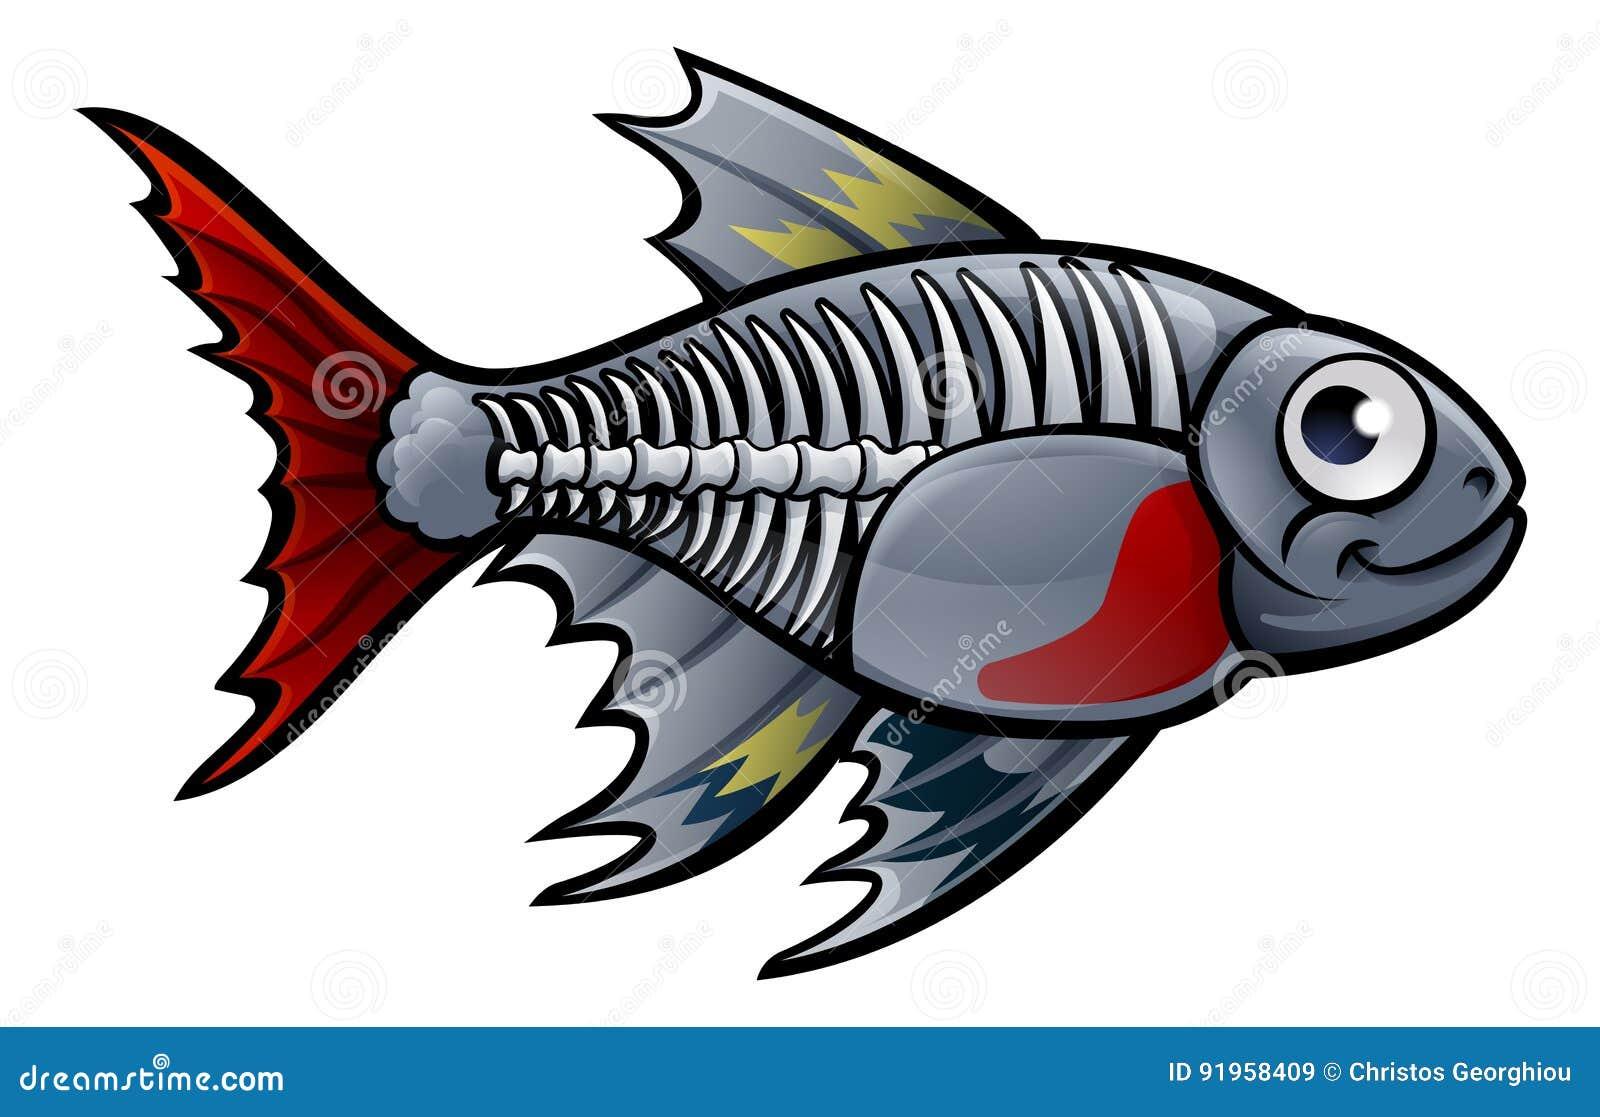 XRay Tetra Fish Cartoon Character